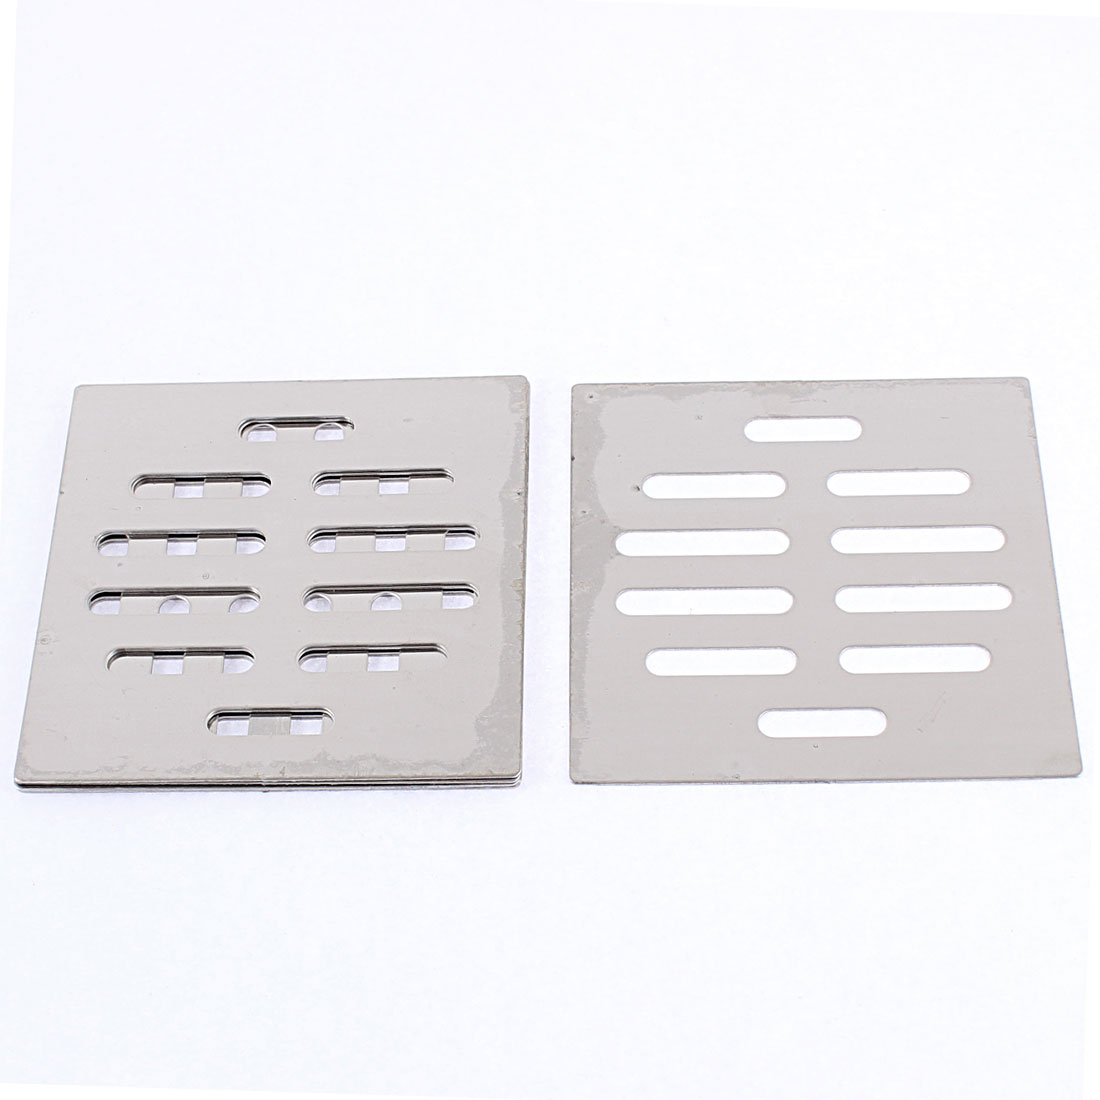 Kitchen Bathroom Square Floor Drain Drainer Cover 8.7cm x 8.7cm 6Pcs